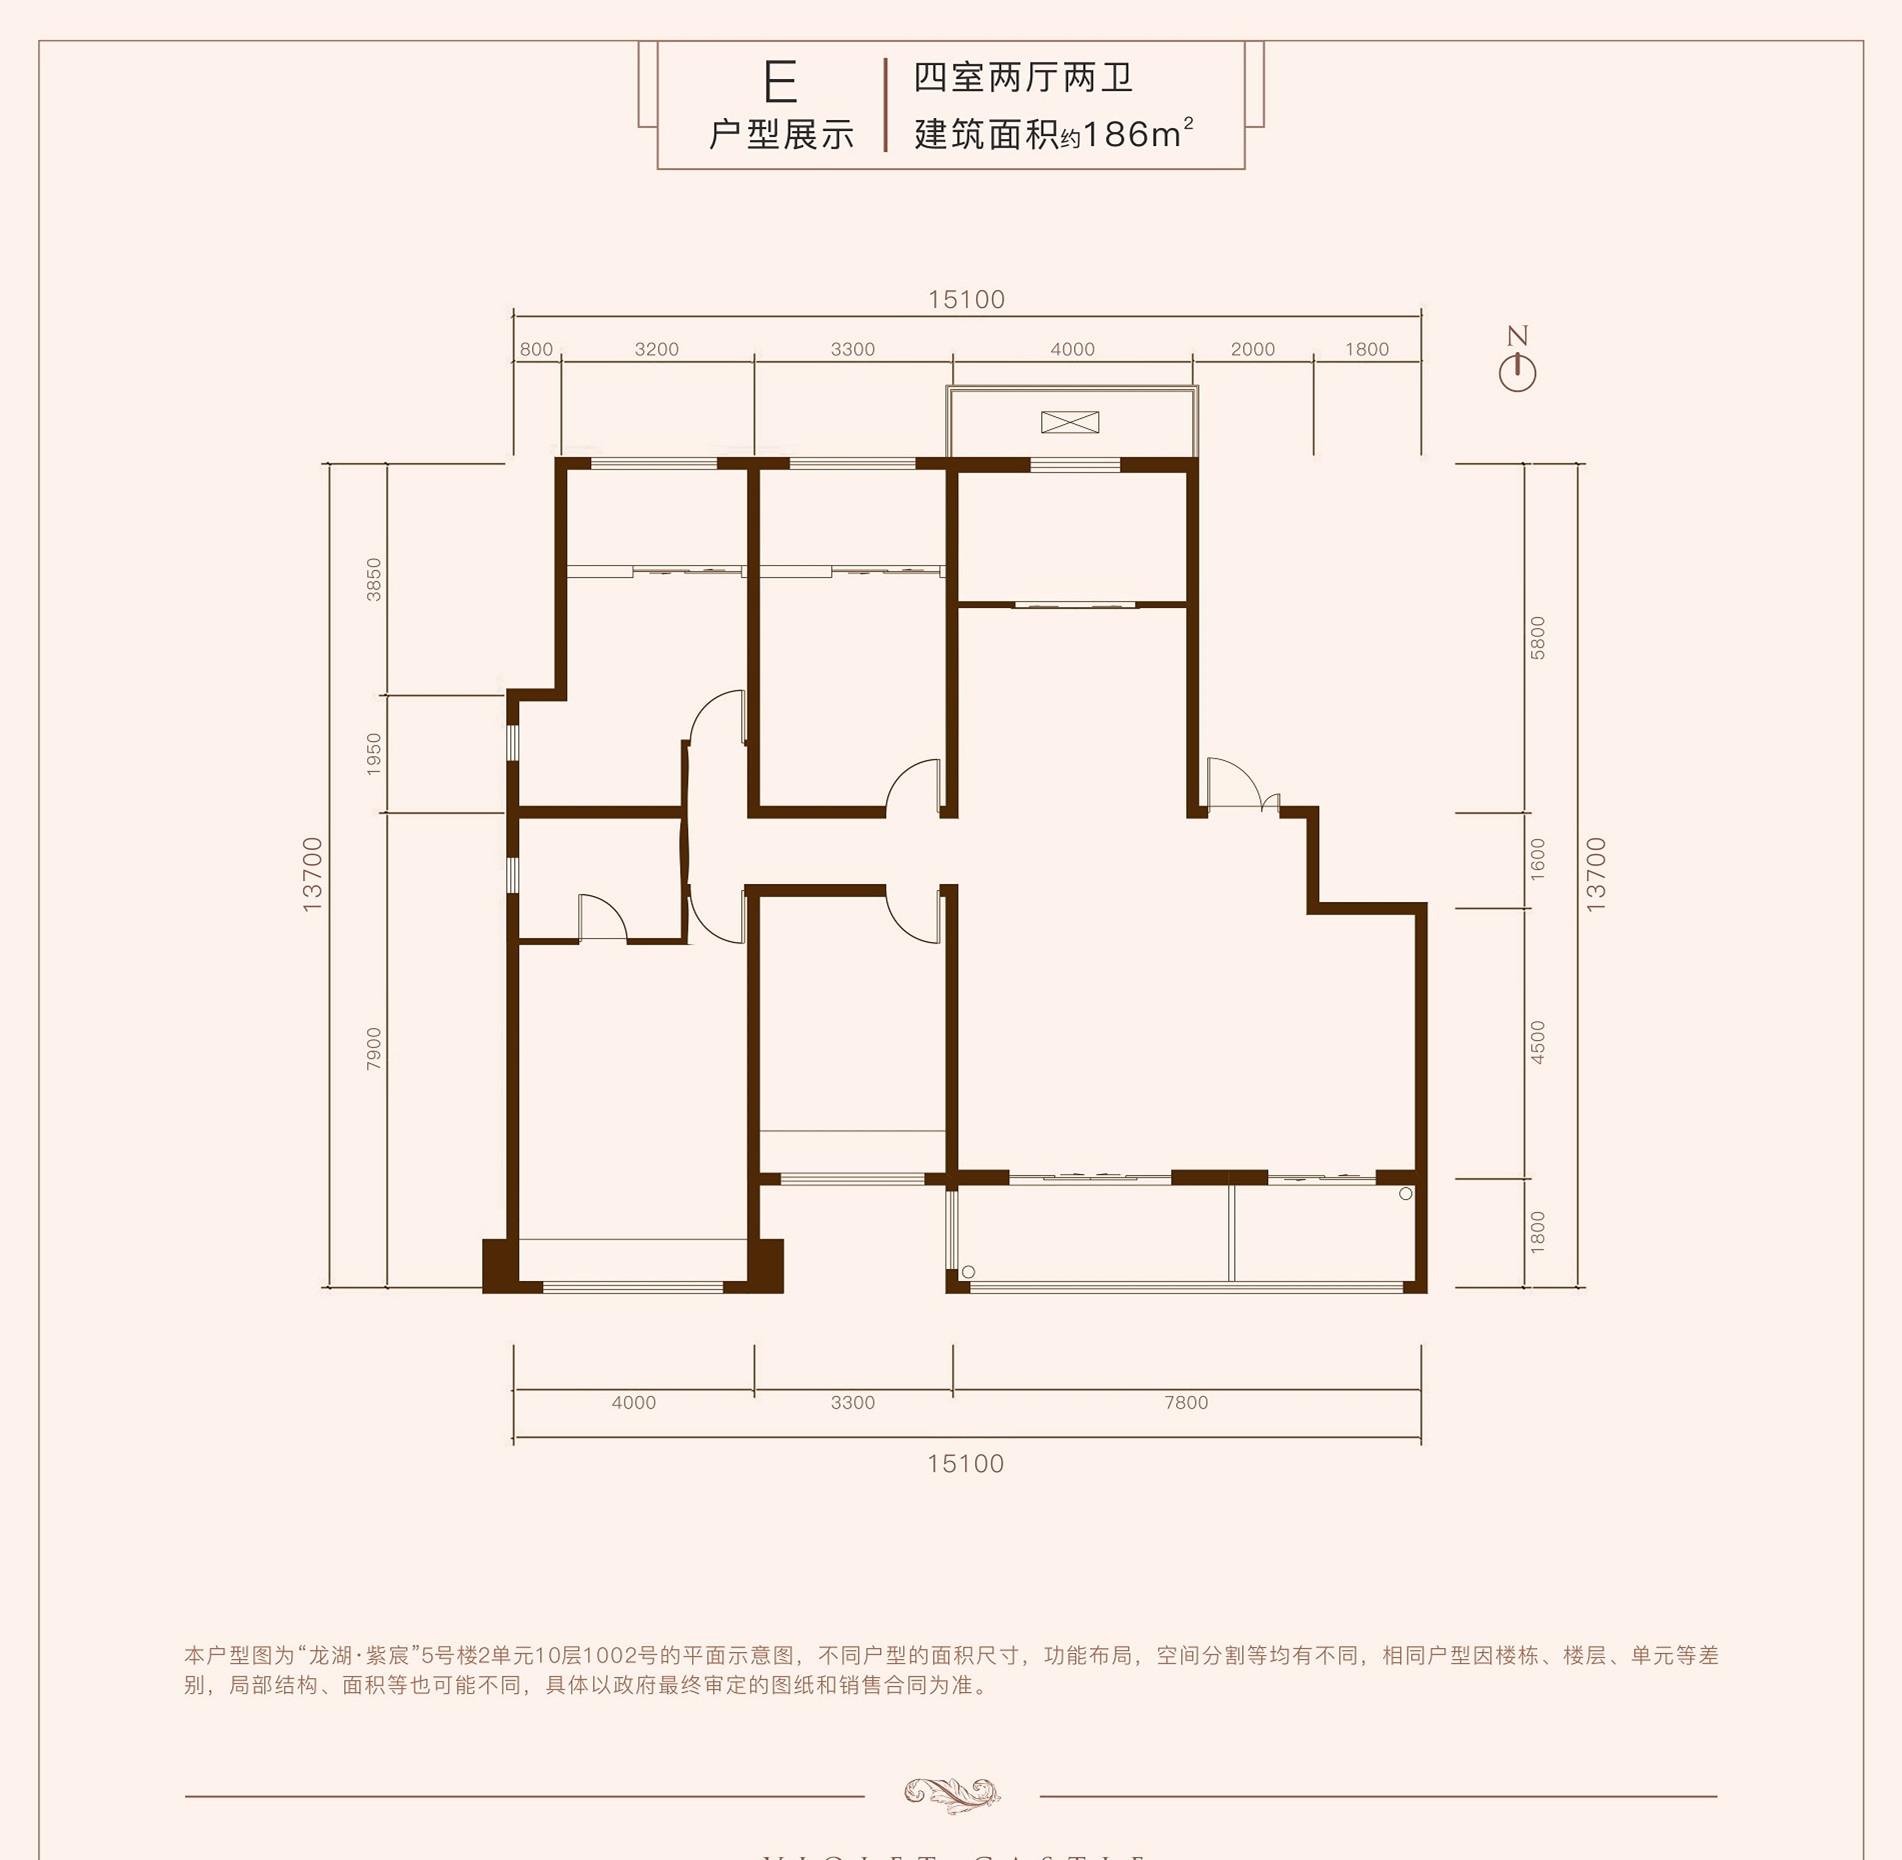 龙湖紫宸186㎡四室两厅两卫E户型图